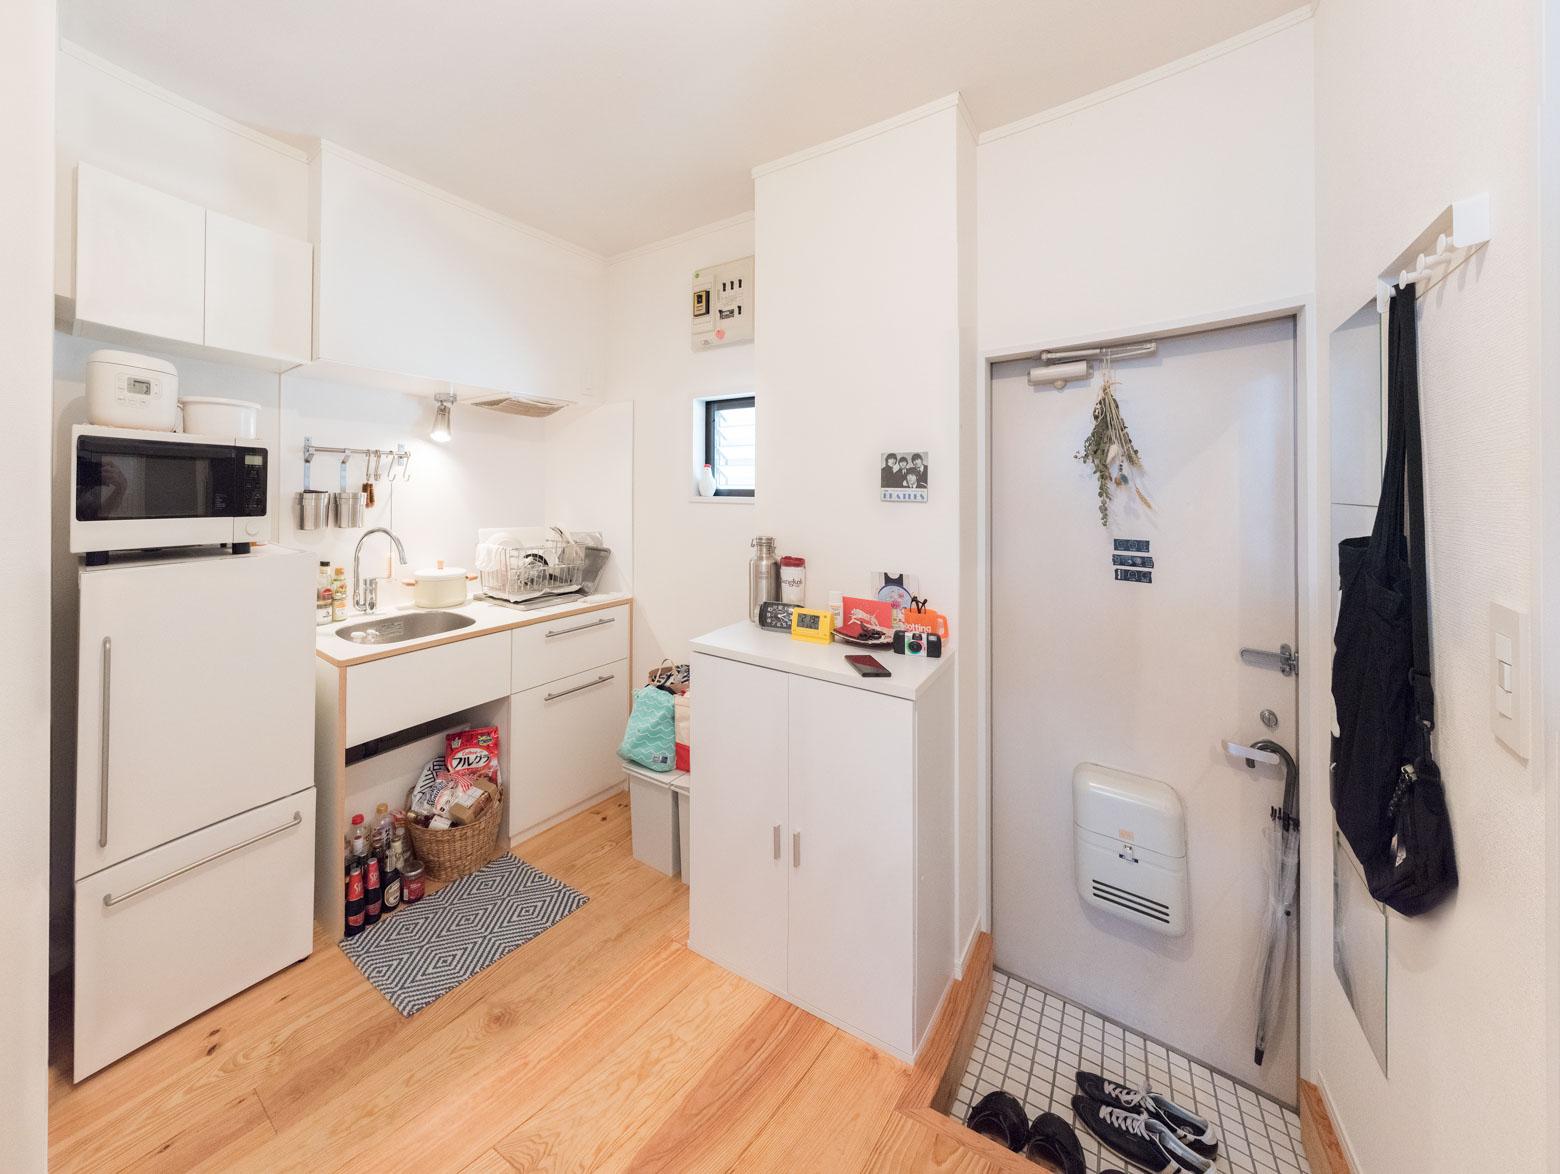 自炊派ひとり暮らしのスタッフのキッチン。収納も作業スペースも確保できているので、スッキリ。(このお部屋はこちら)